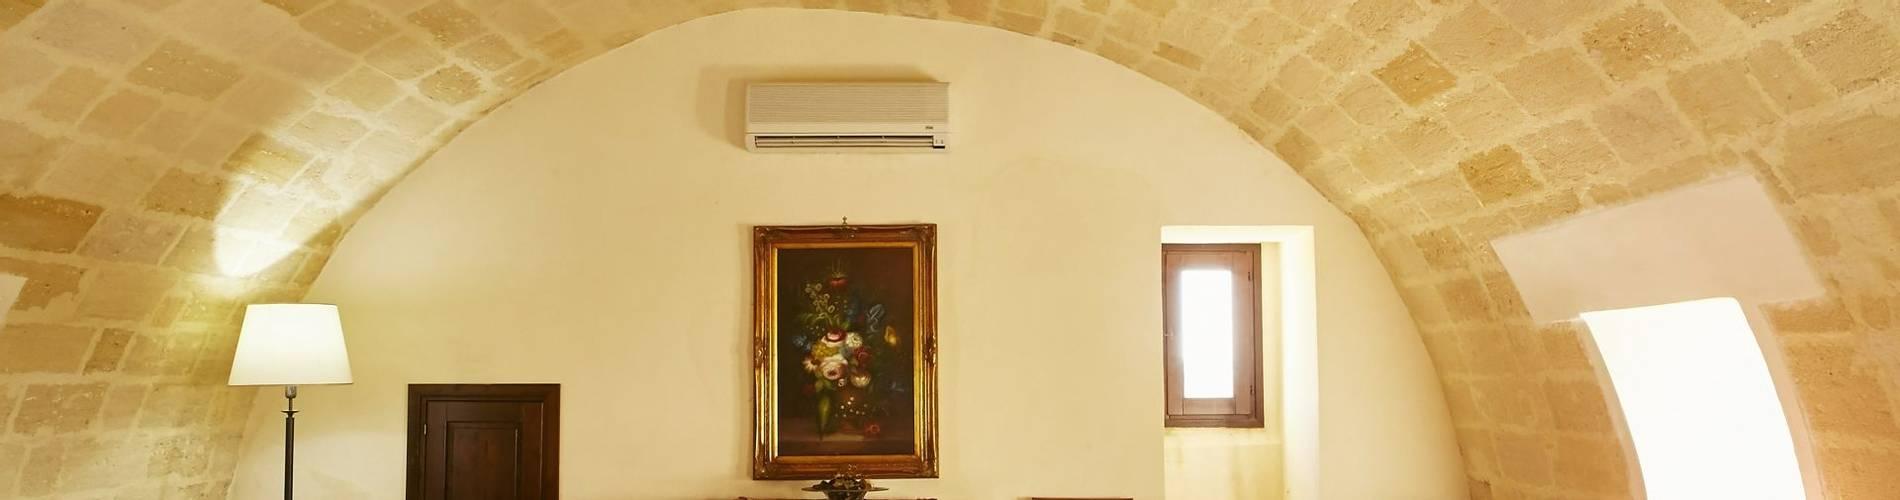 Baglio Donna Franca, Sicily, Italy (8).JPG